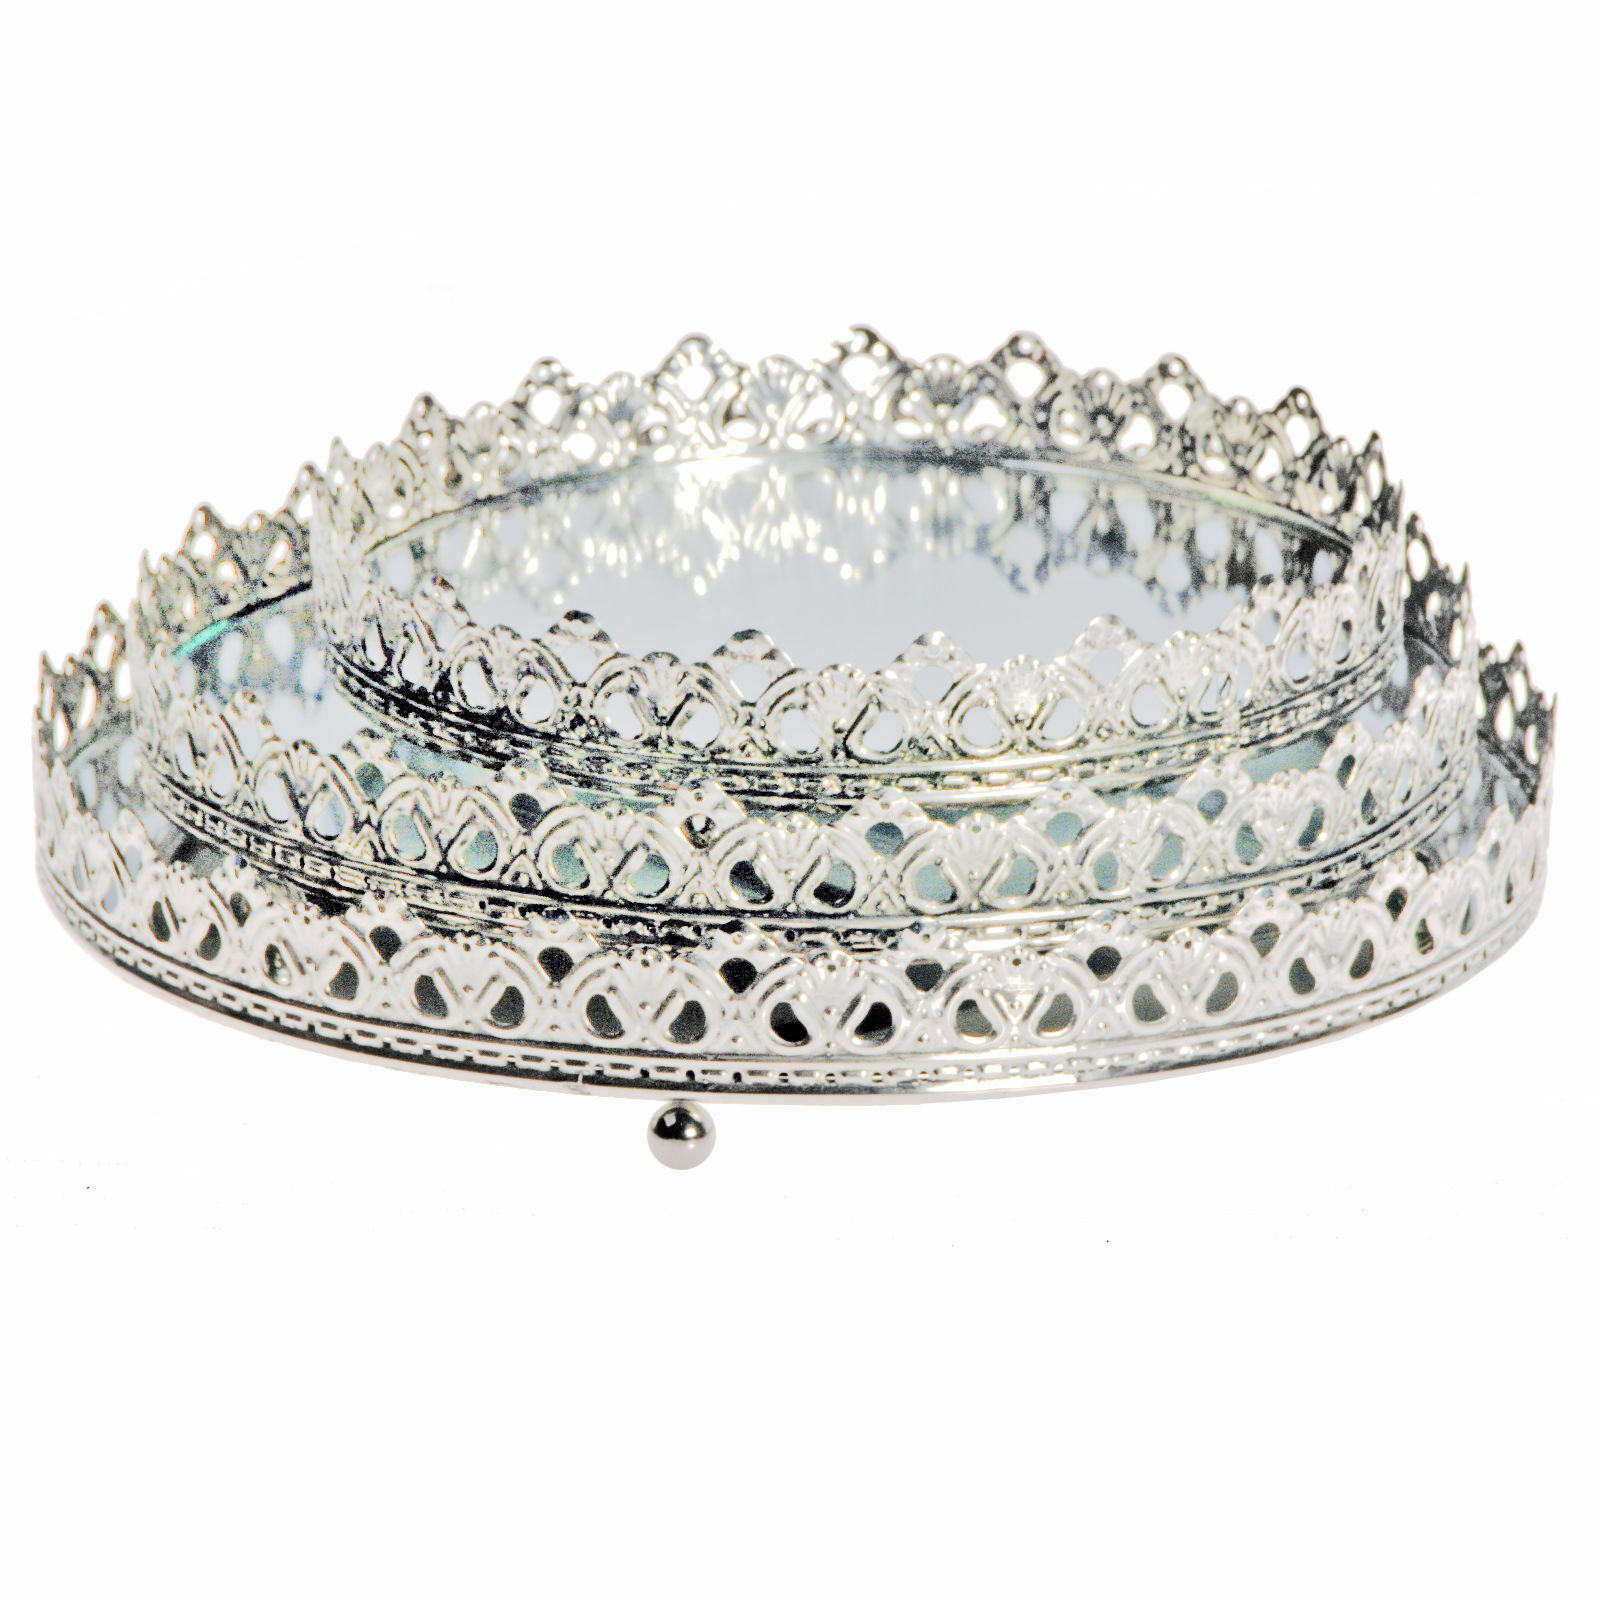 Runde spiegel mit kronenrand wandspiegel tablett dekoration tischspiegel neu ebay - Dekoration spiegel ...